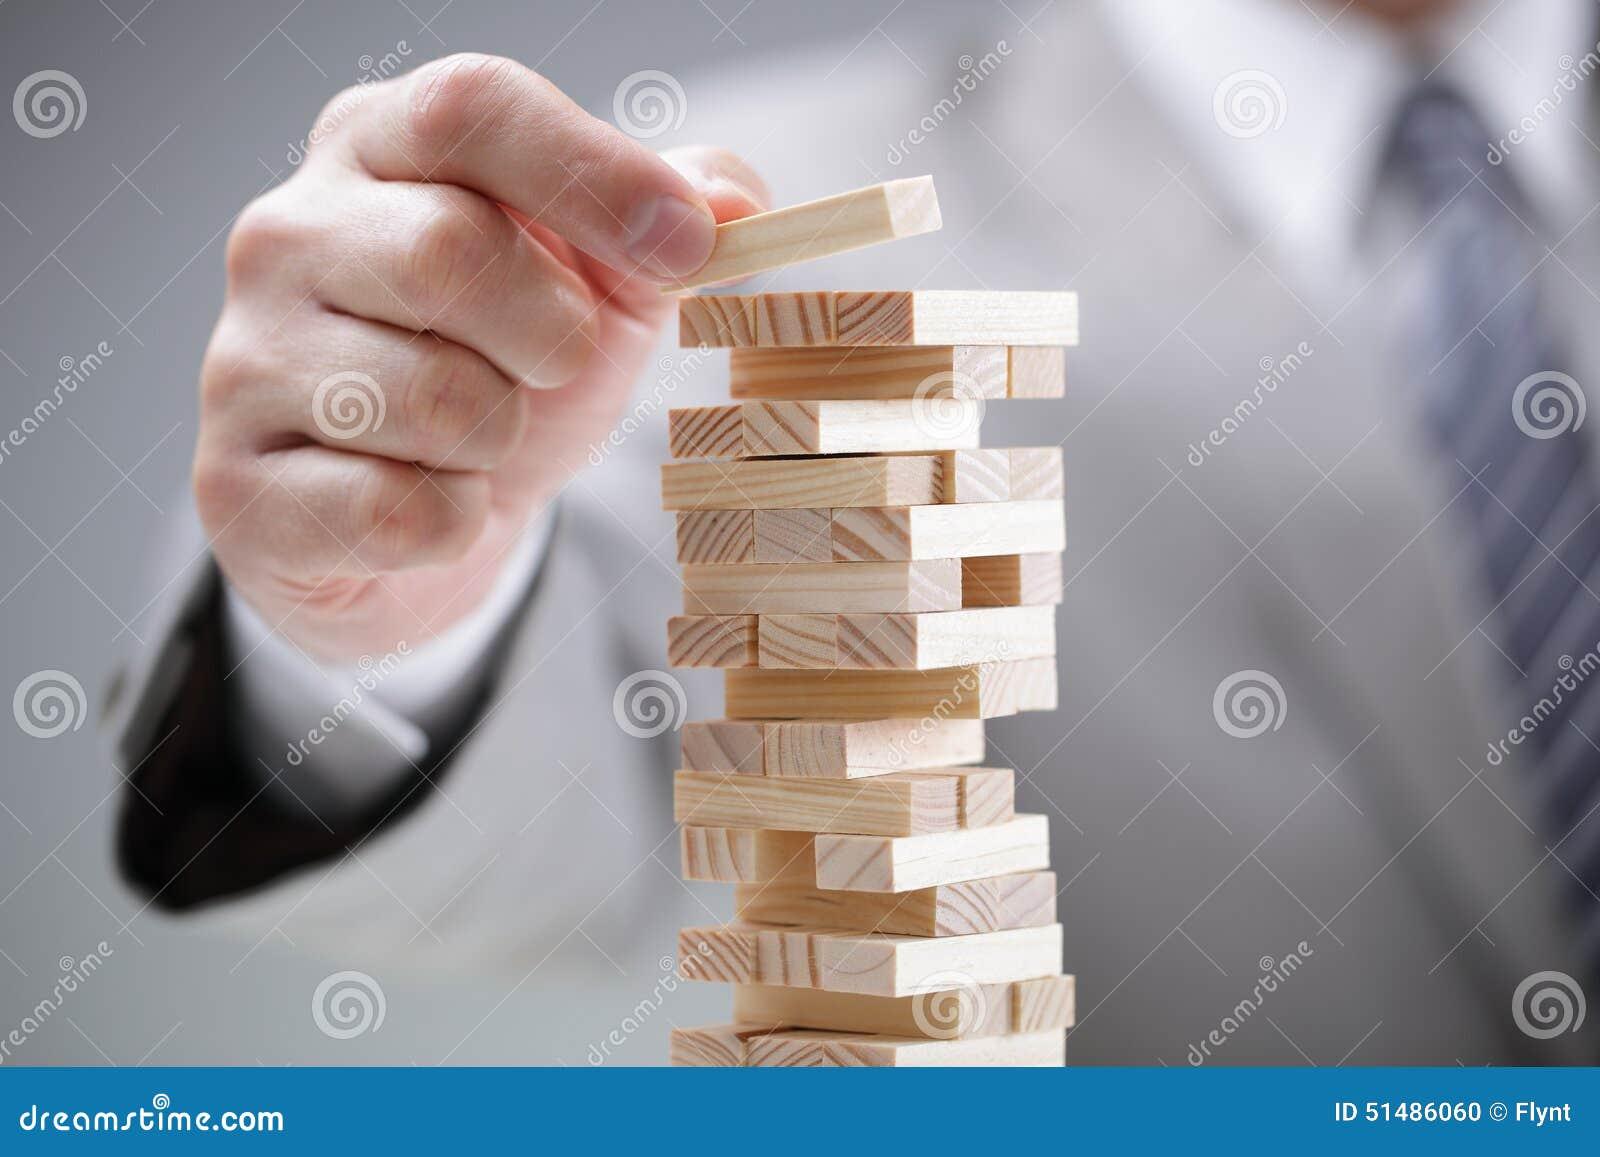 Planeamiento, riesgo y estrategia en negocio